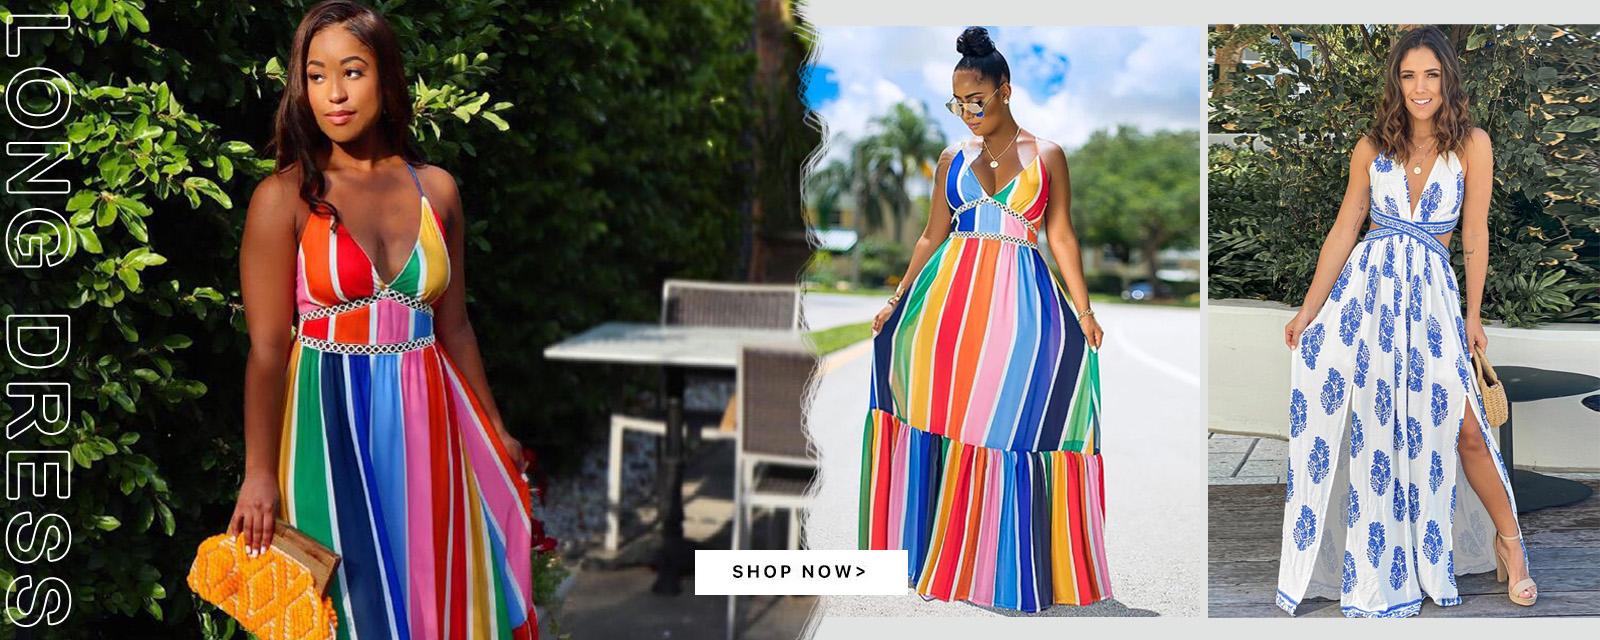 Vestido longo maxi com listras coloridas de verão